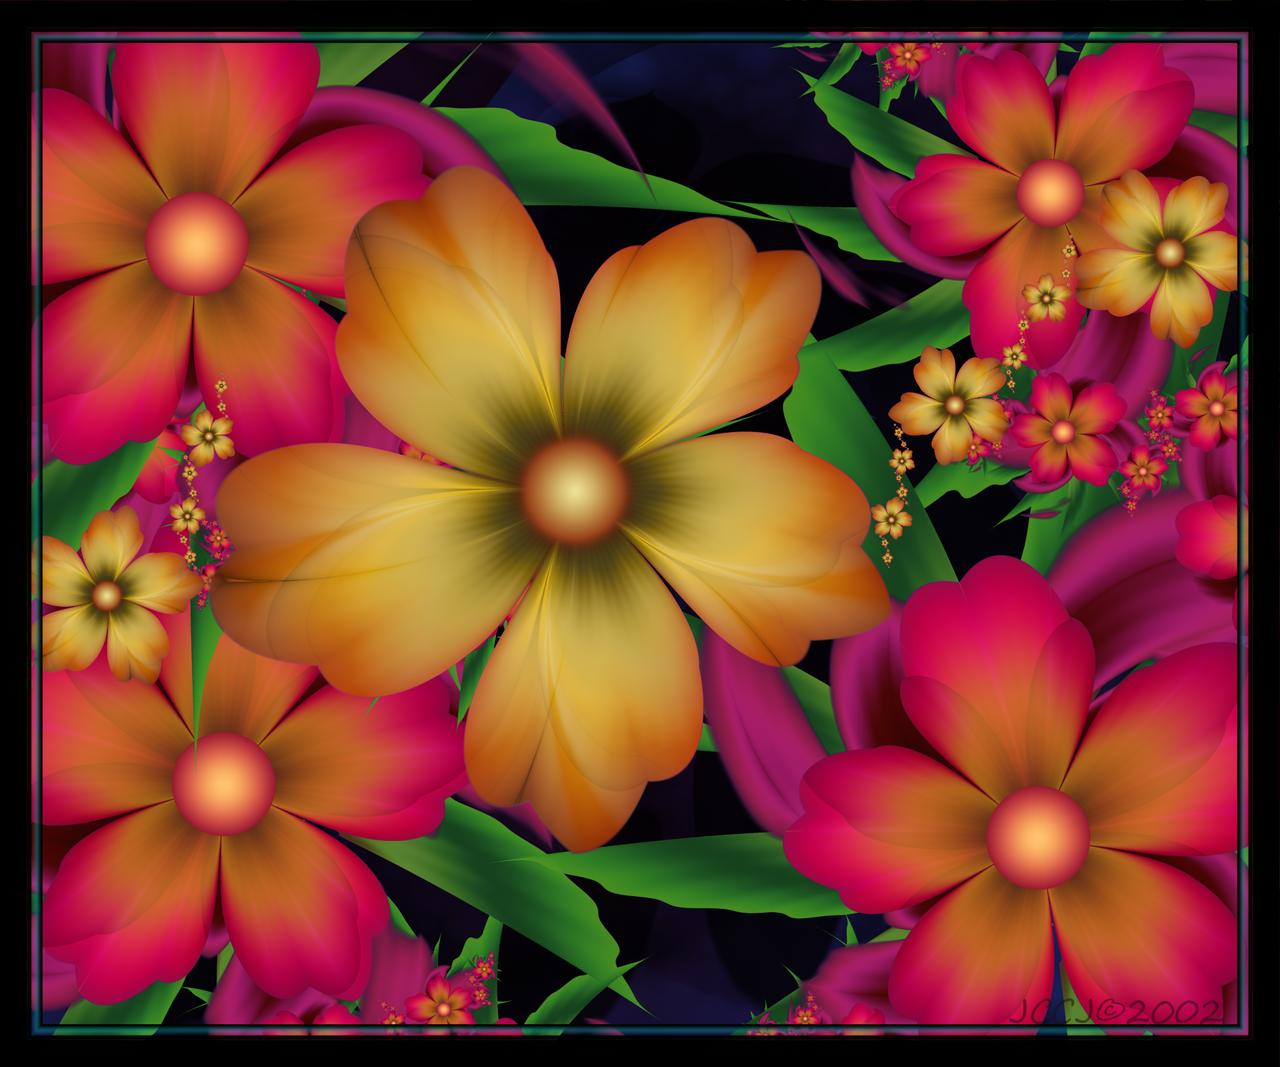 Spring Garden by JCCJ756